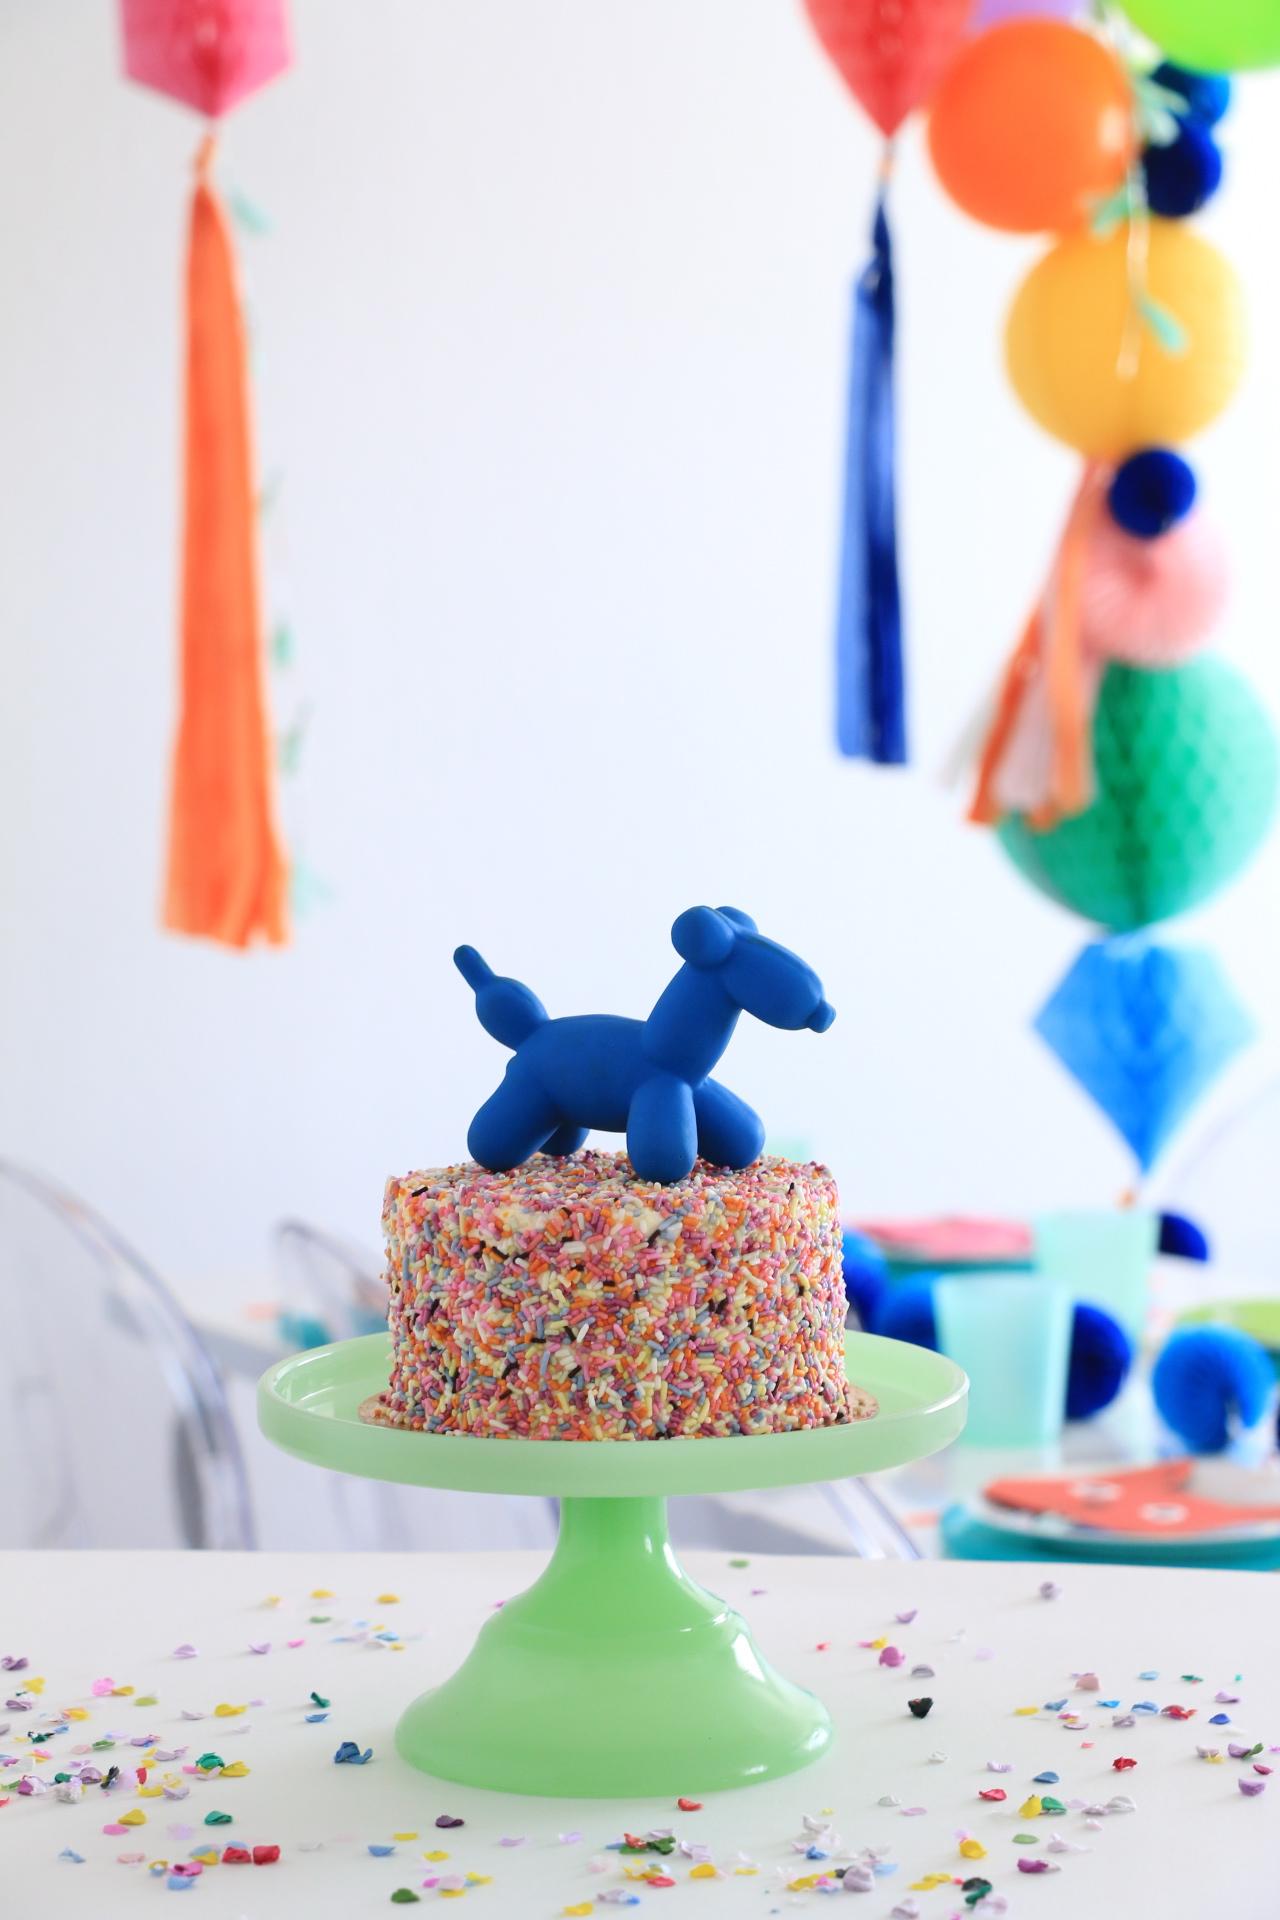 Ballon_Animal_Cake_topper_Anthony_and_stork.jpg